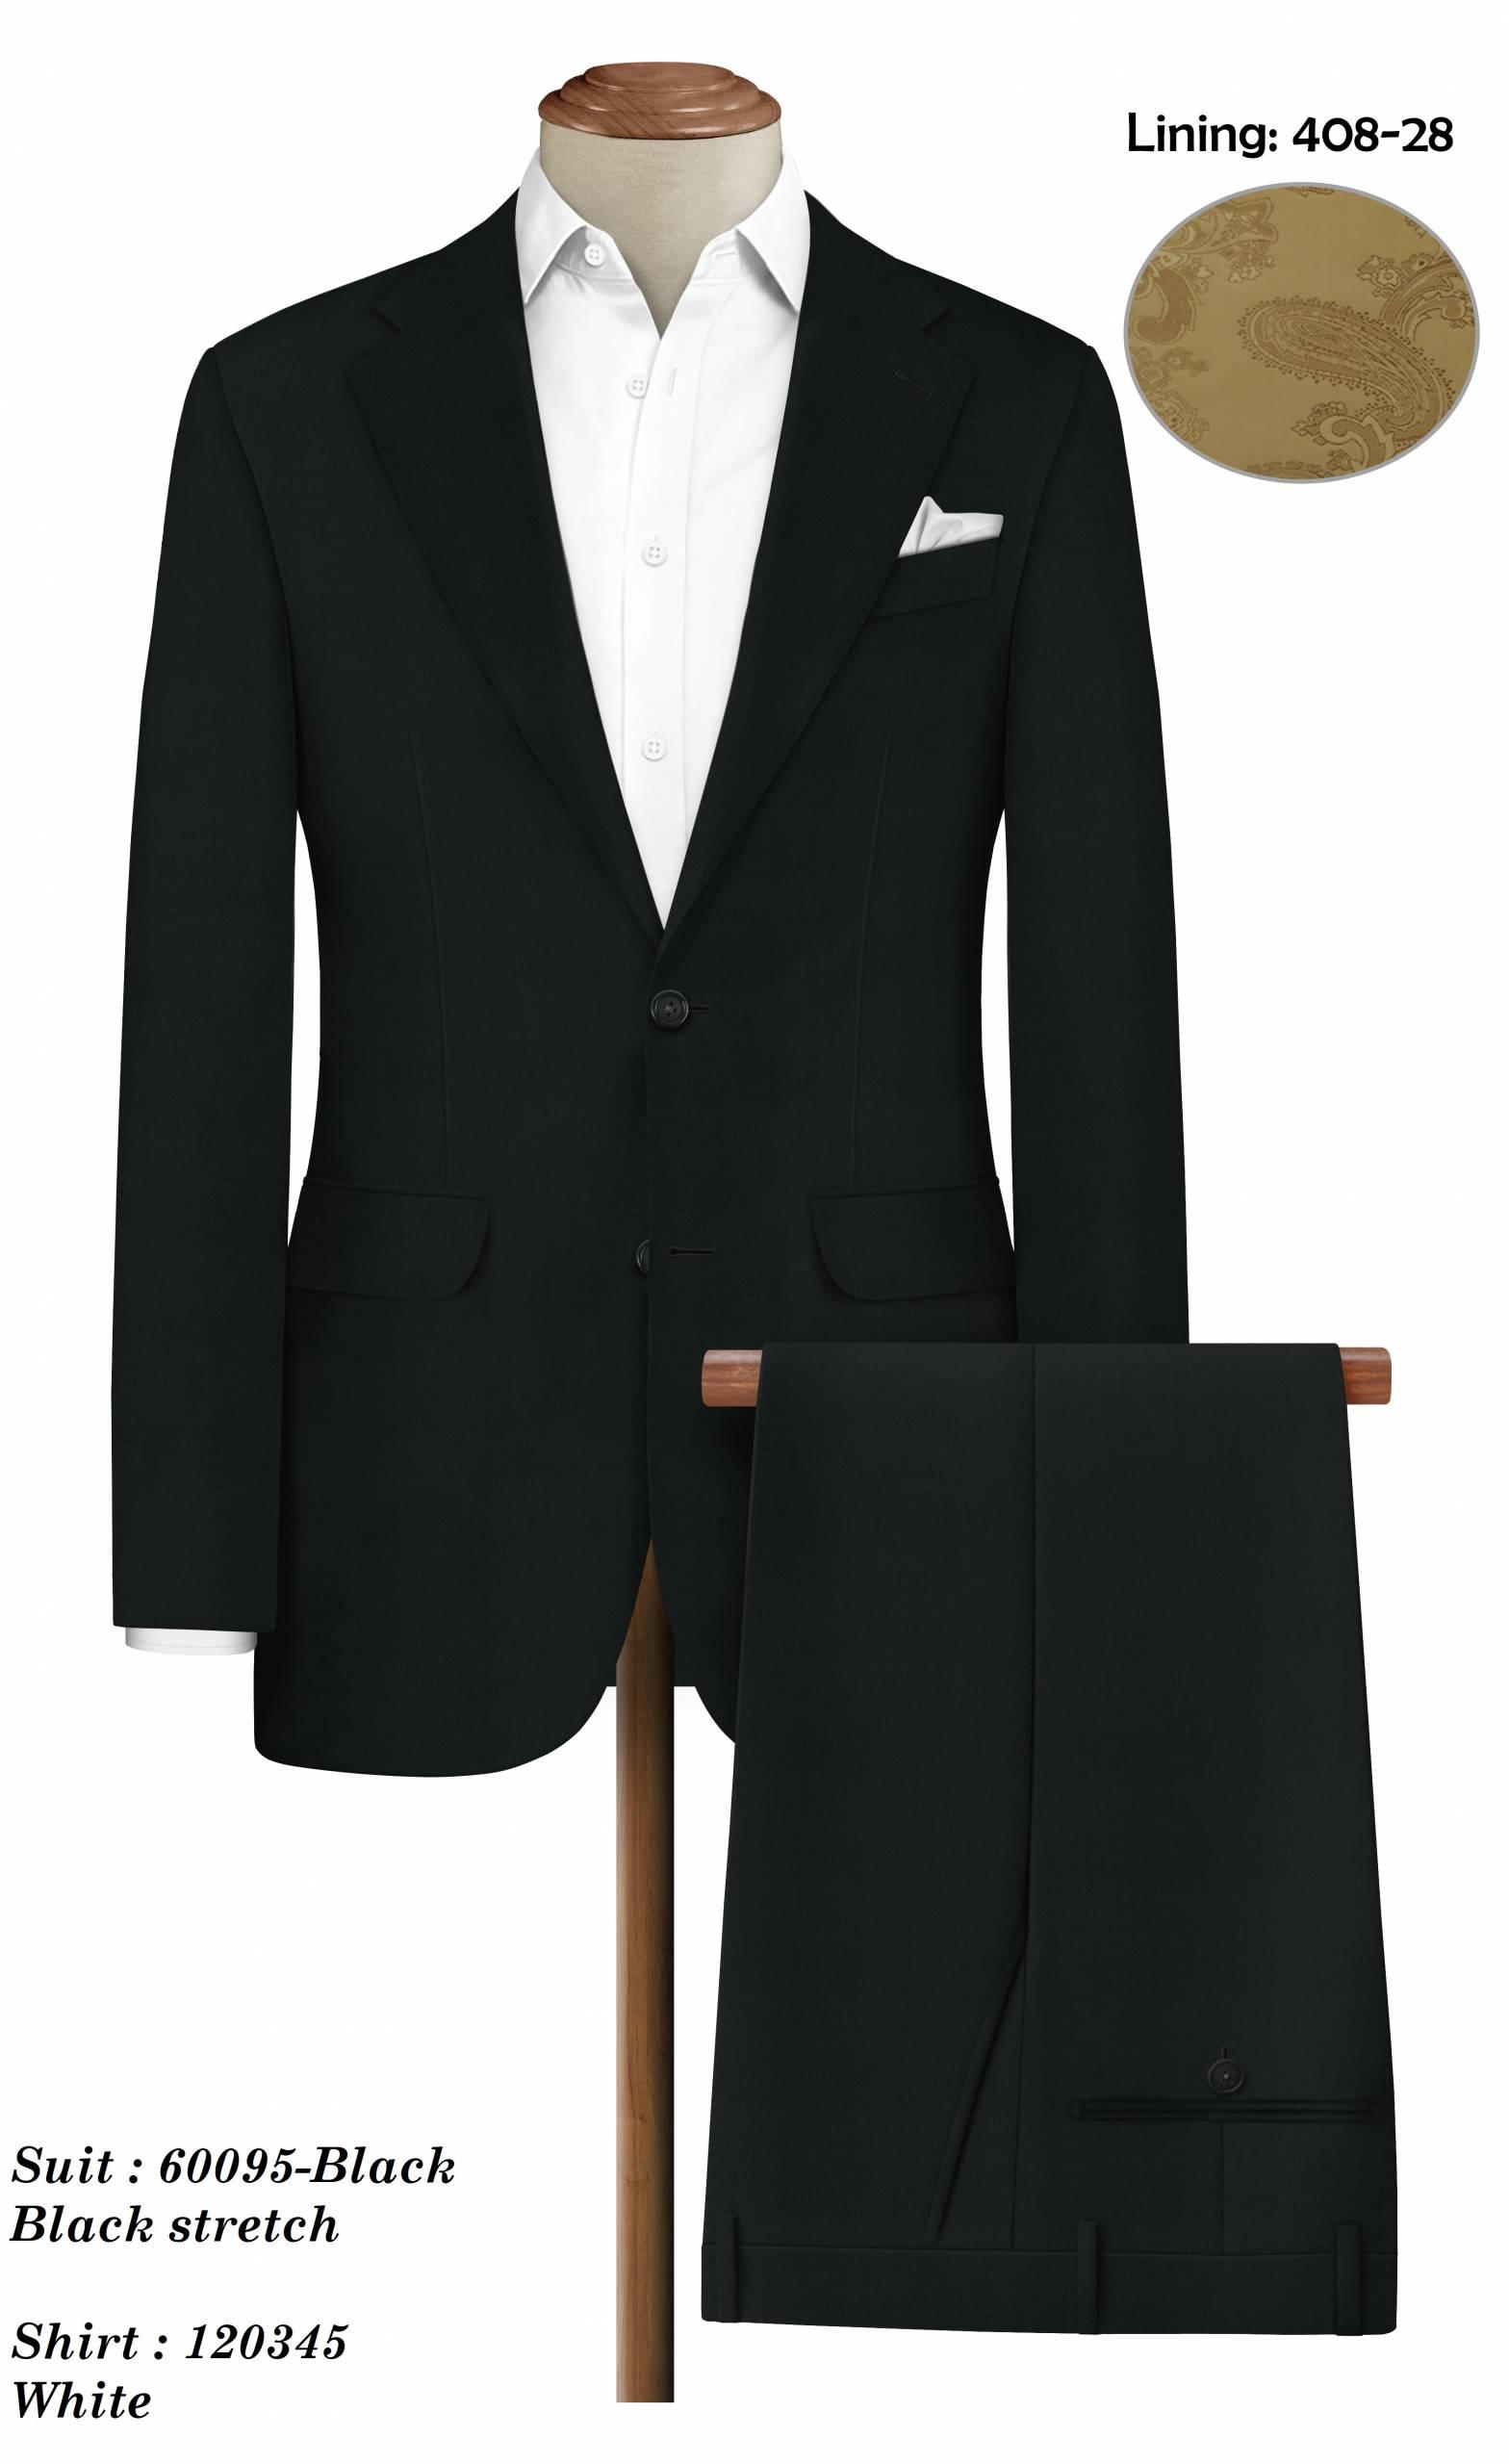 (107) 60095-Black_suit